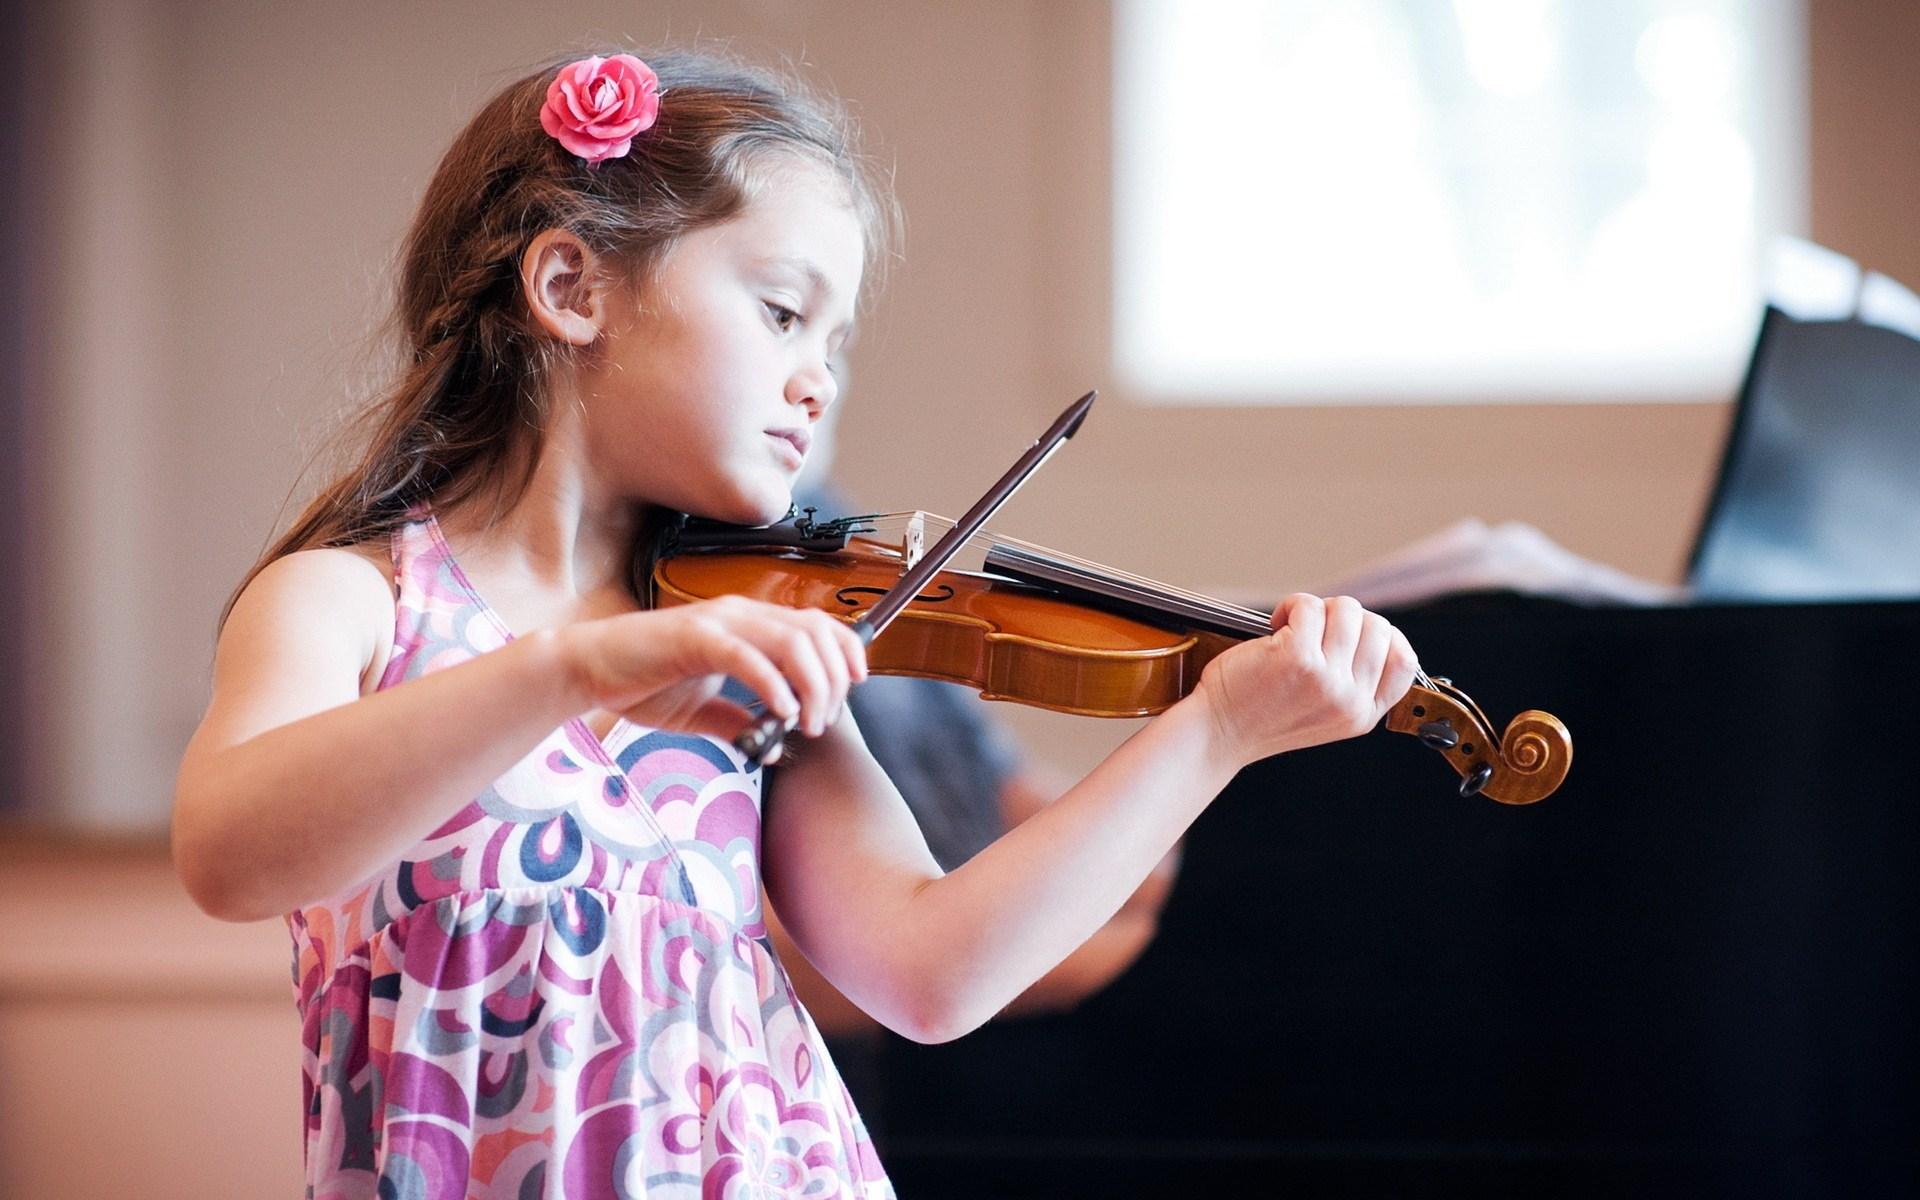 Những Lợi ích khi cho bé học đàn, học nhạc từ sớm